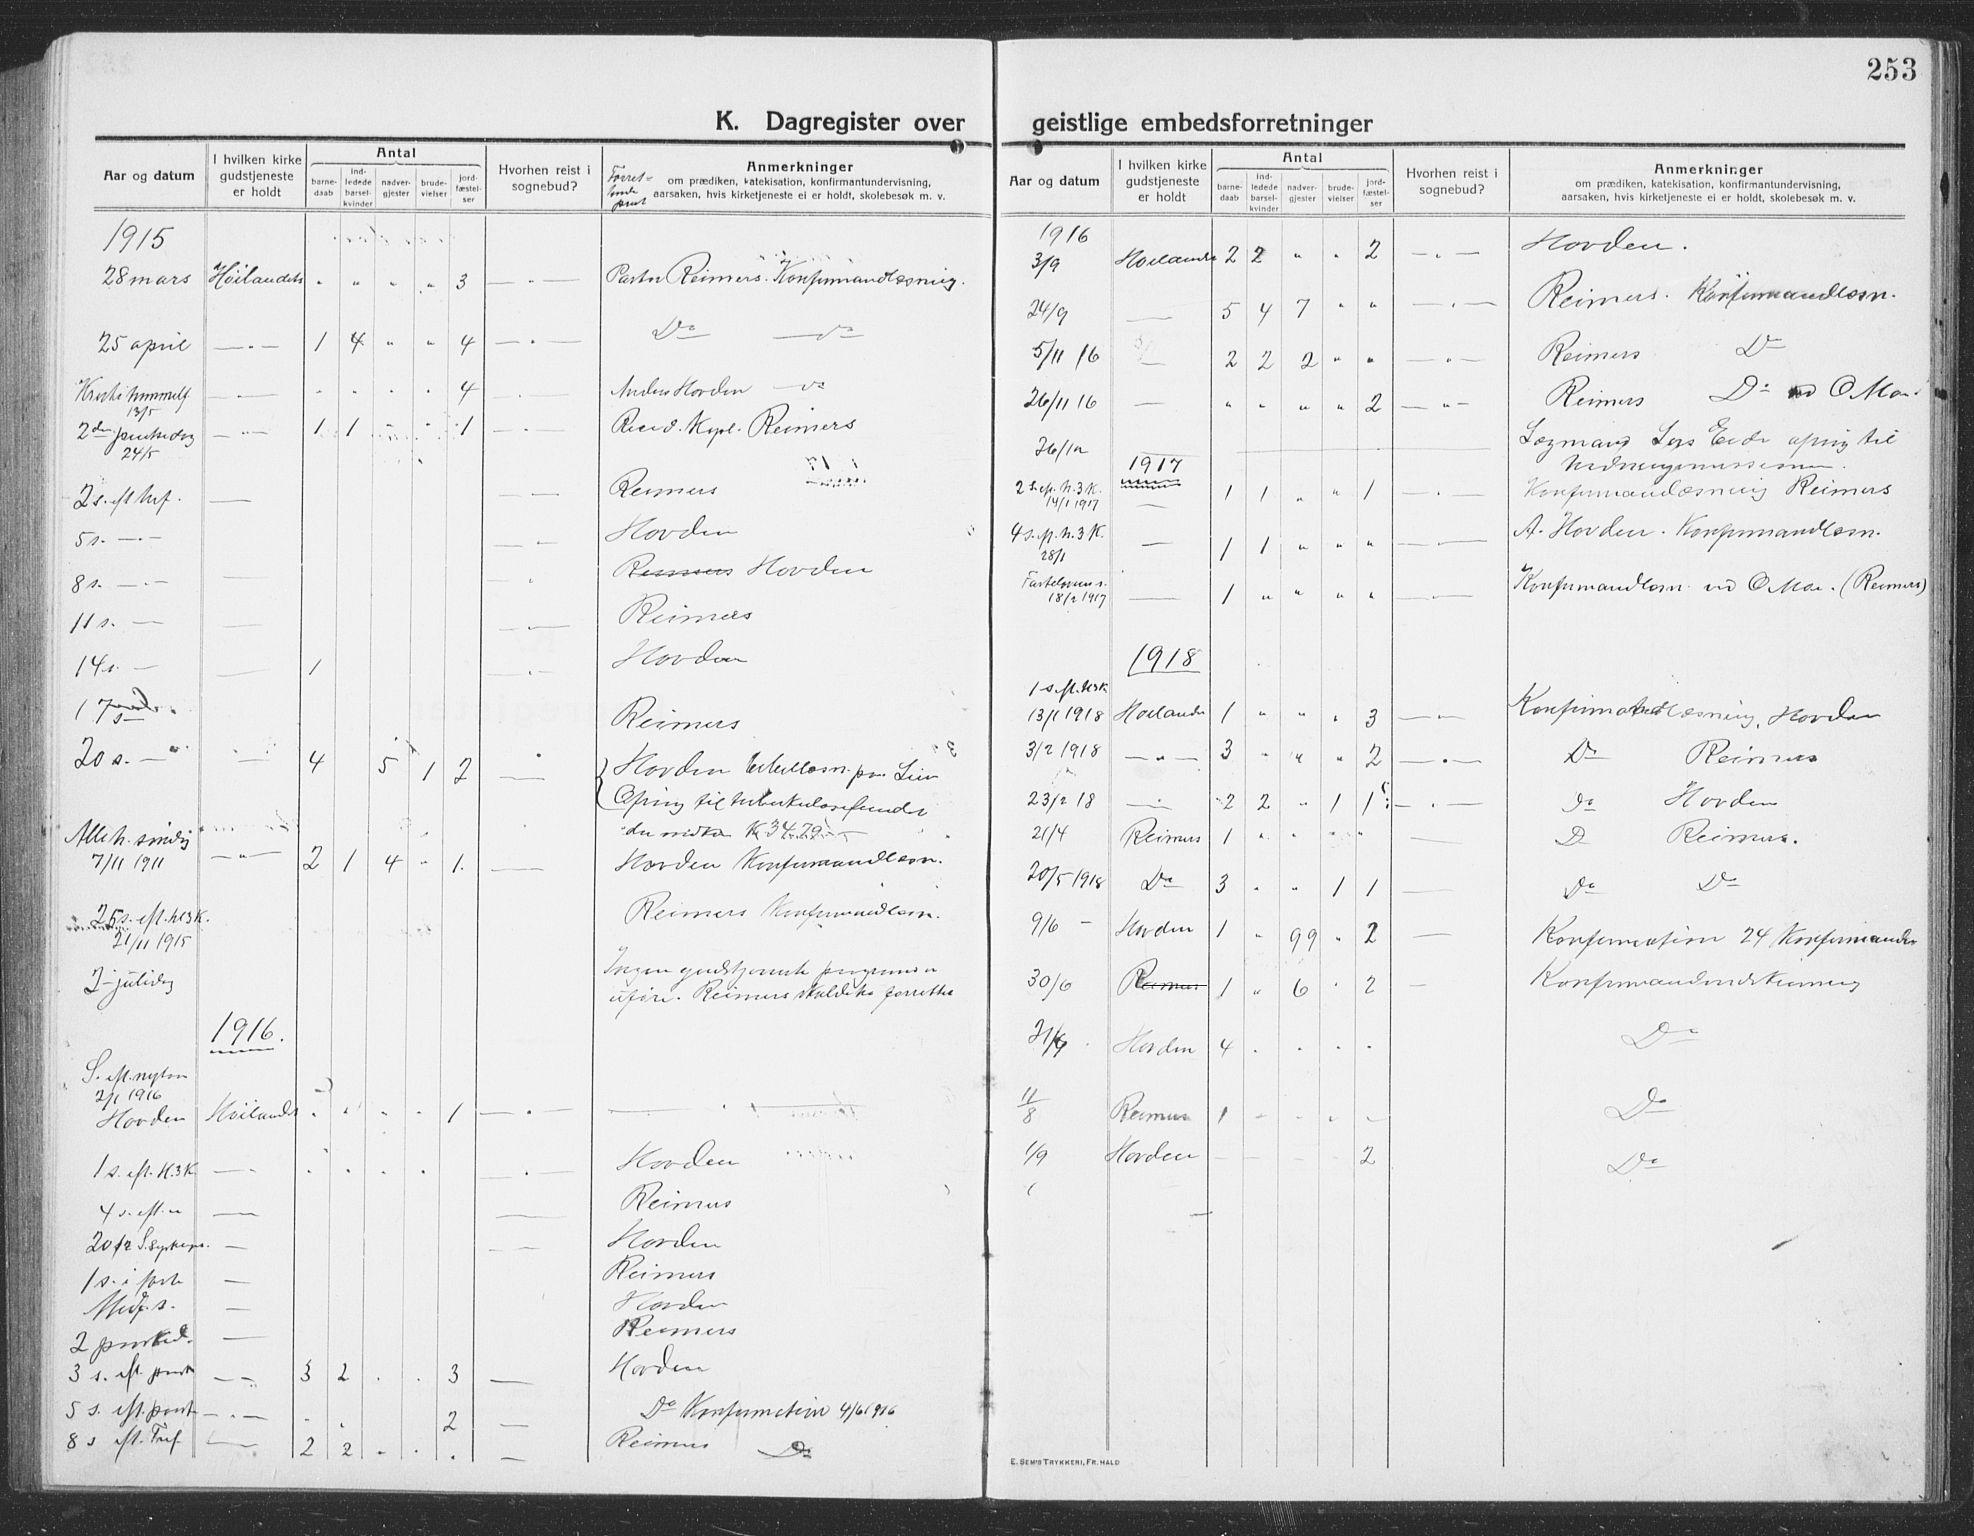 SAT, Ministerialprotokoller, klokkerbøker og fødselsregistre - Sør-Trøndelag, 694/L1134: Klokkerbok nr. 694C06, 1915-1937, s. 253